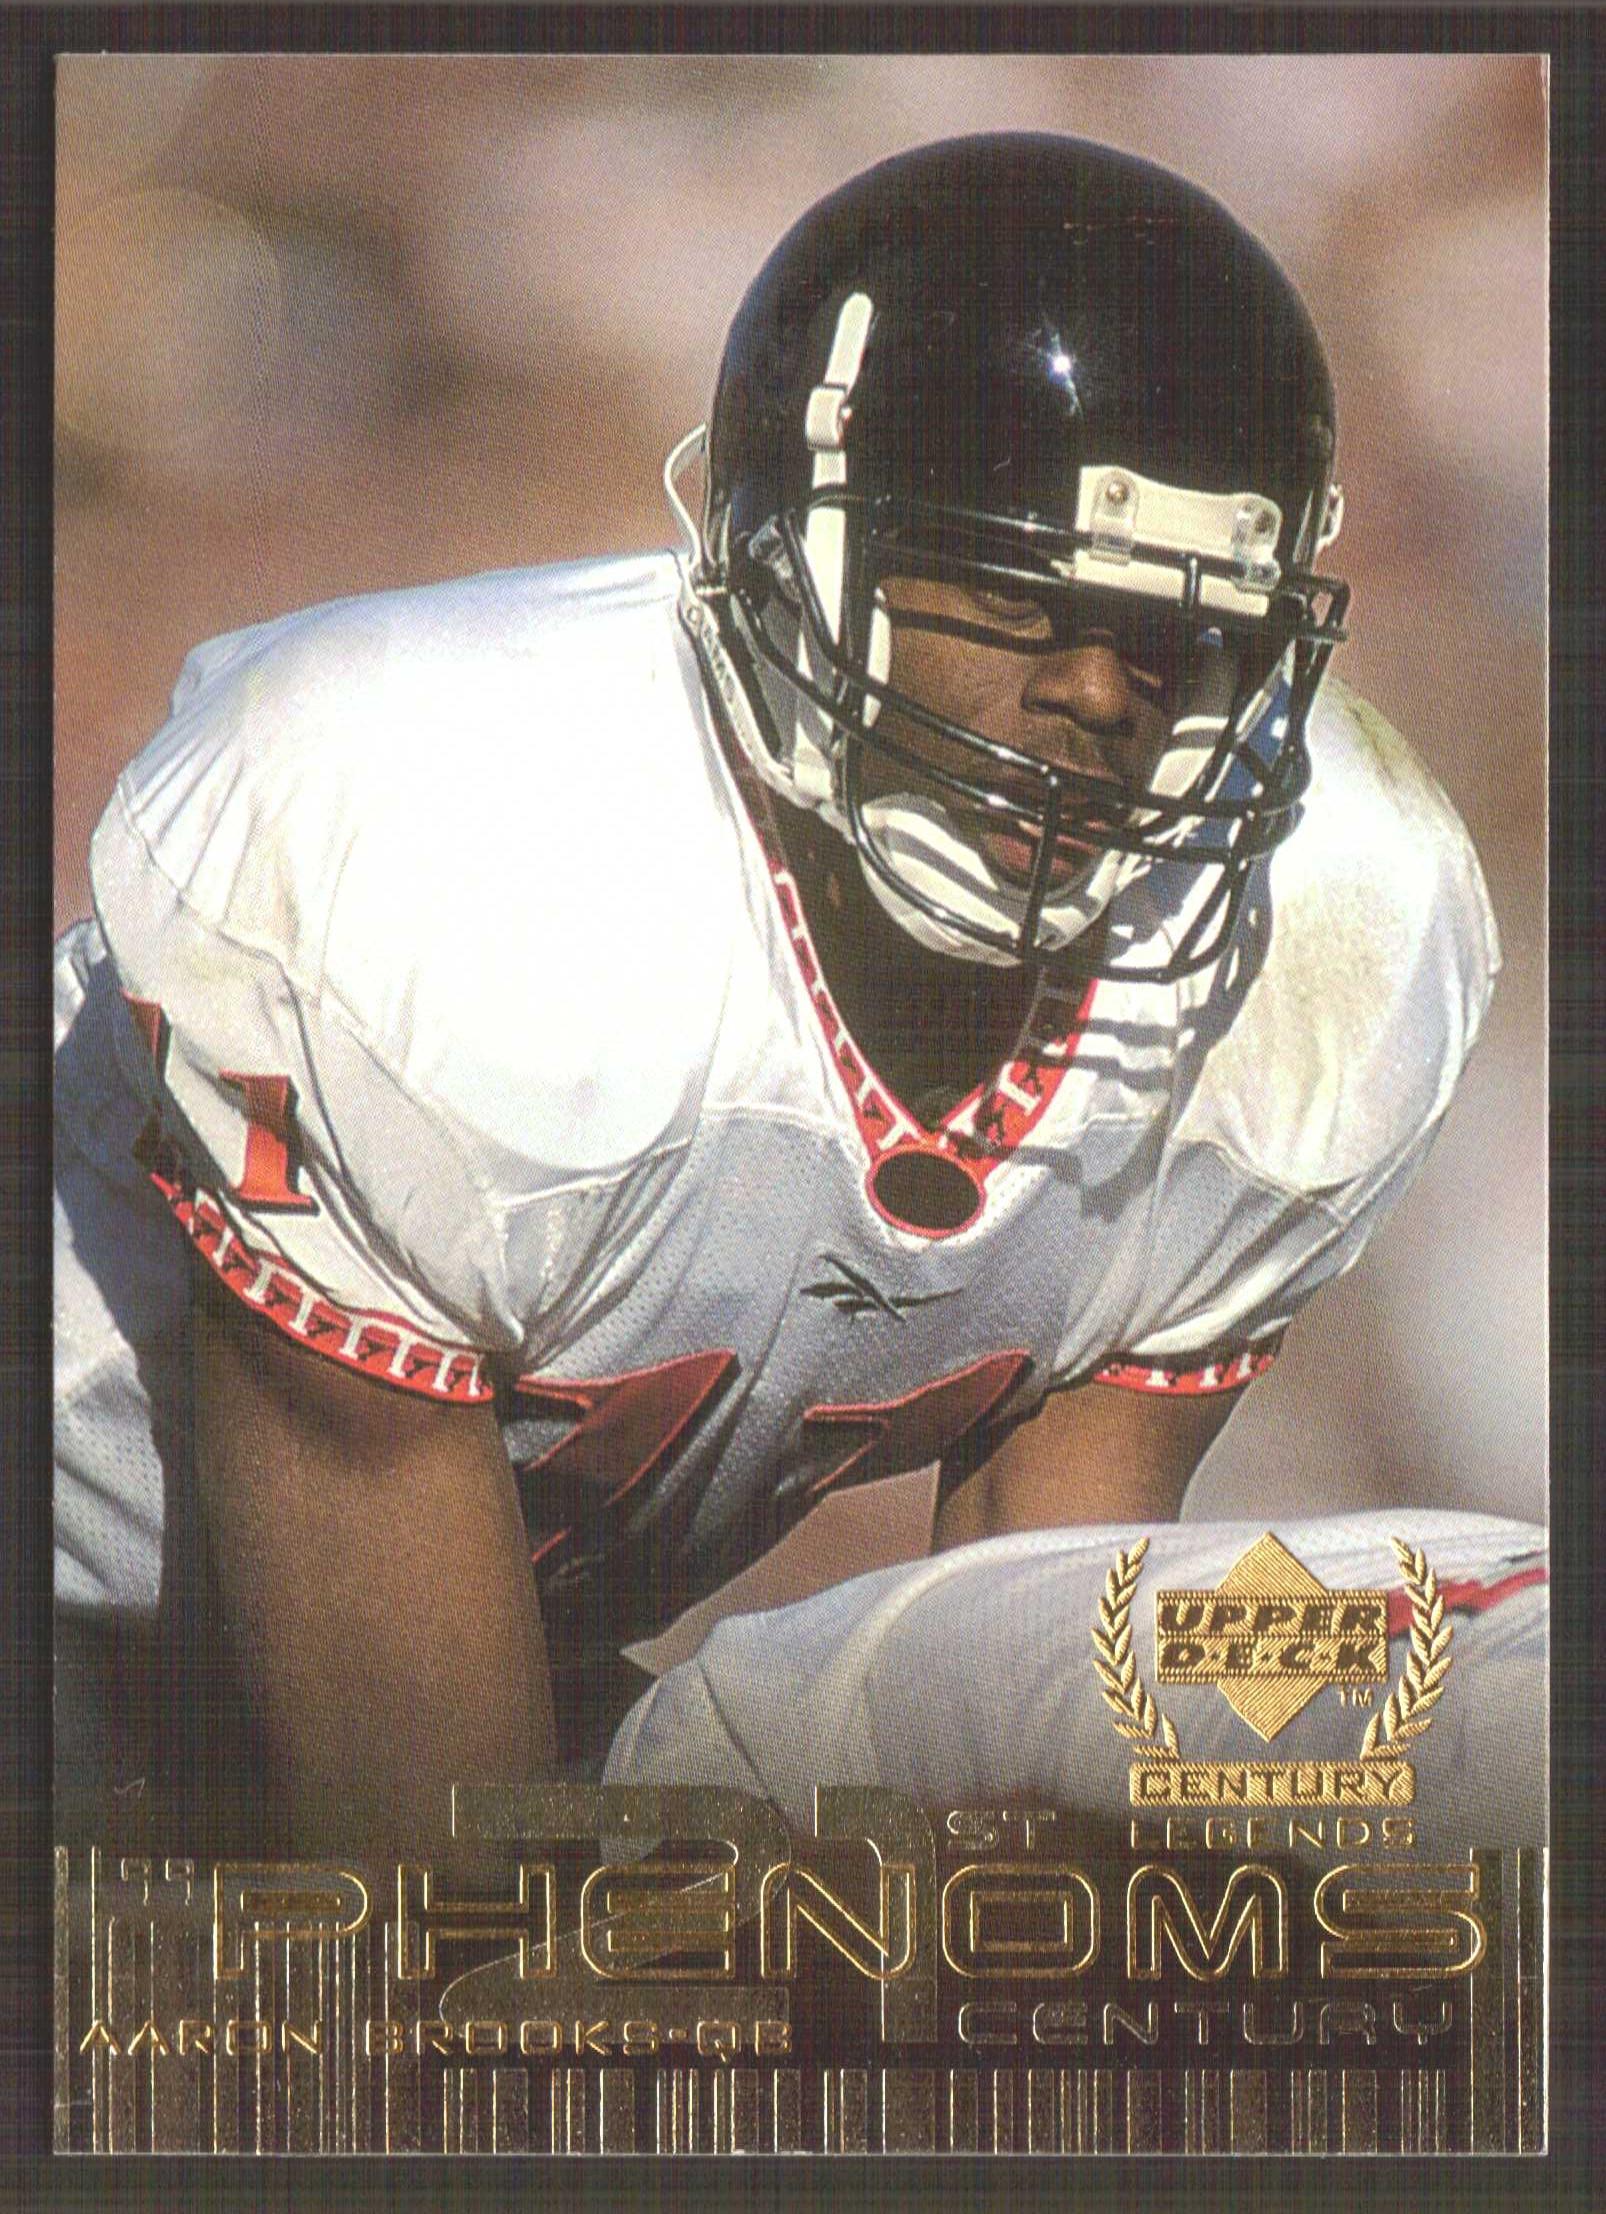 1999 Upper Deck Century Legends #148 Aaron Brooks RC